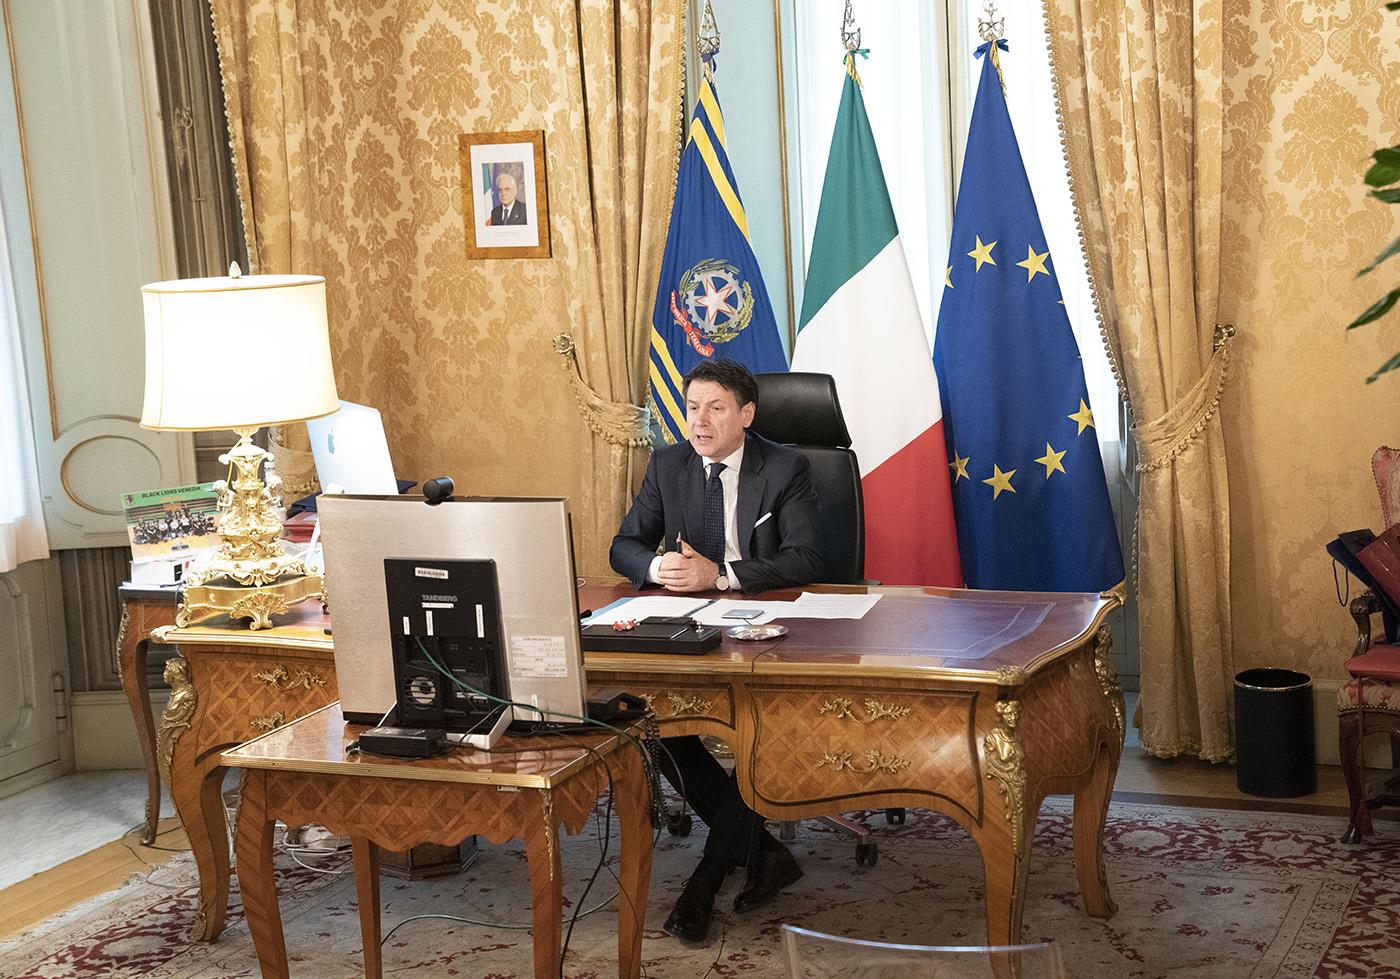 Crisi di governo: trattative su posizioni ancora distanti. Cosa si sa al momento